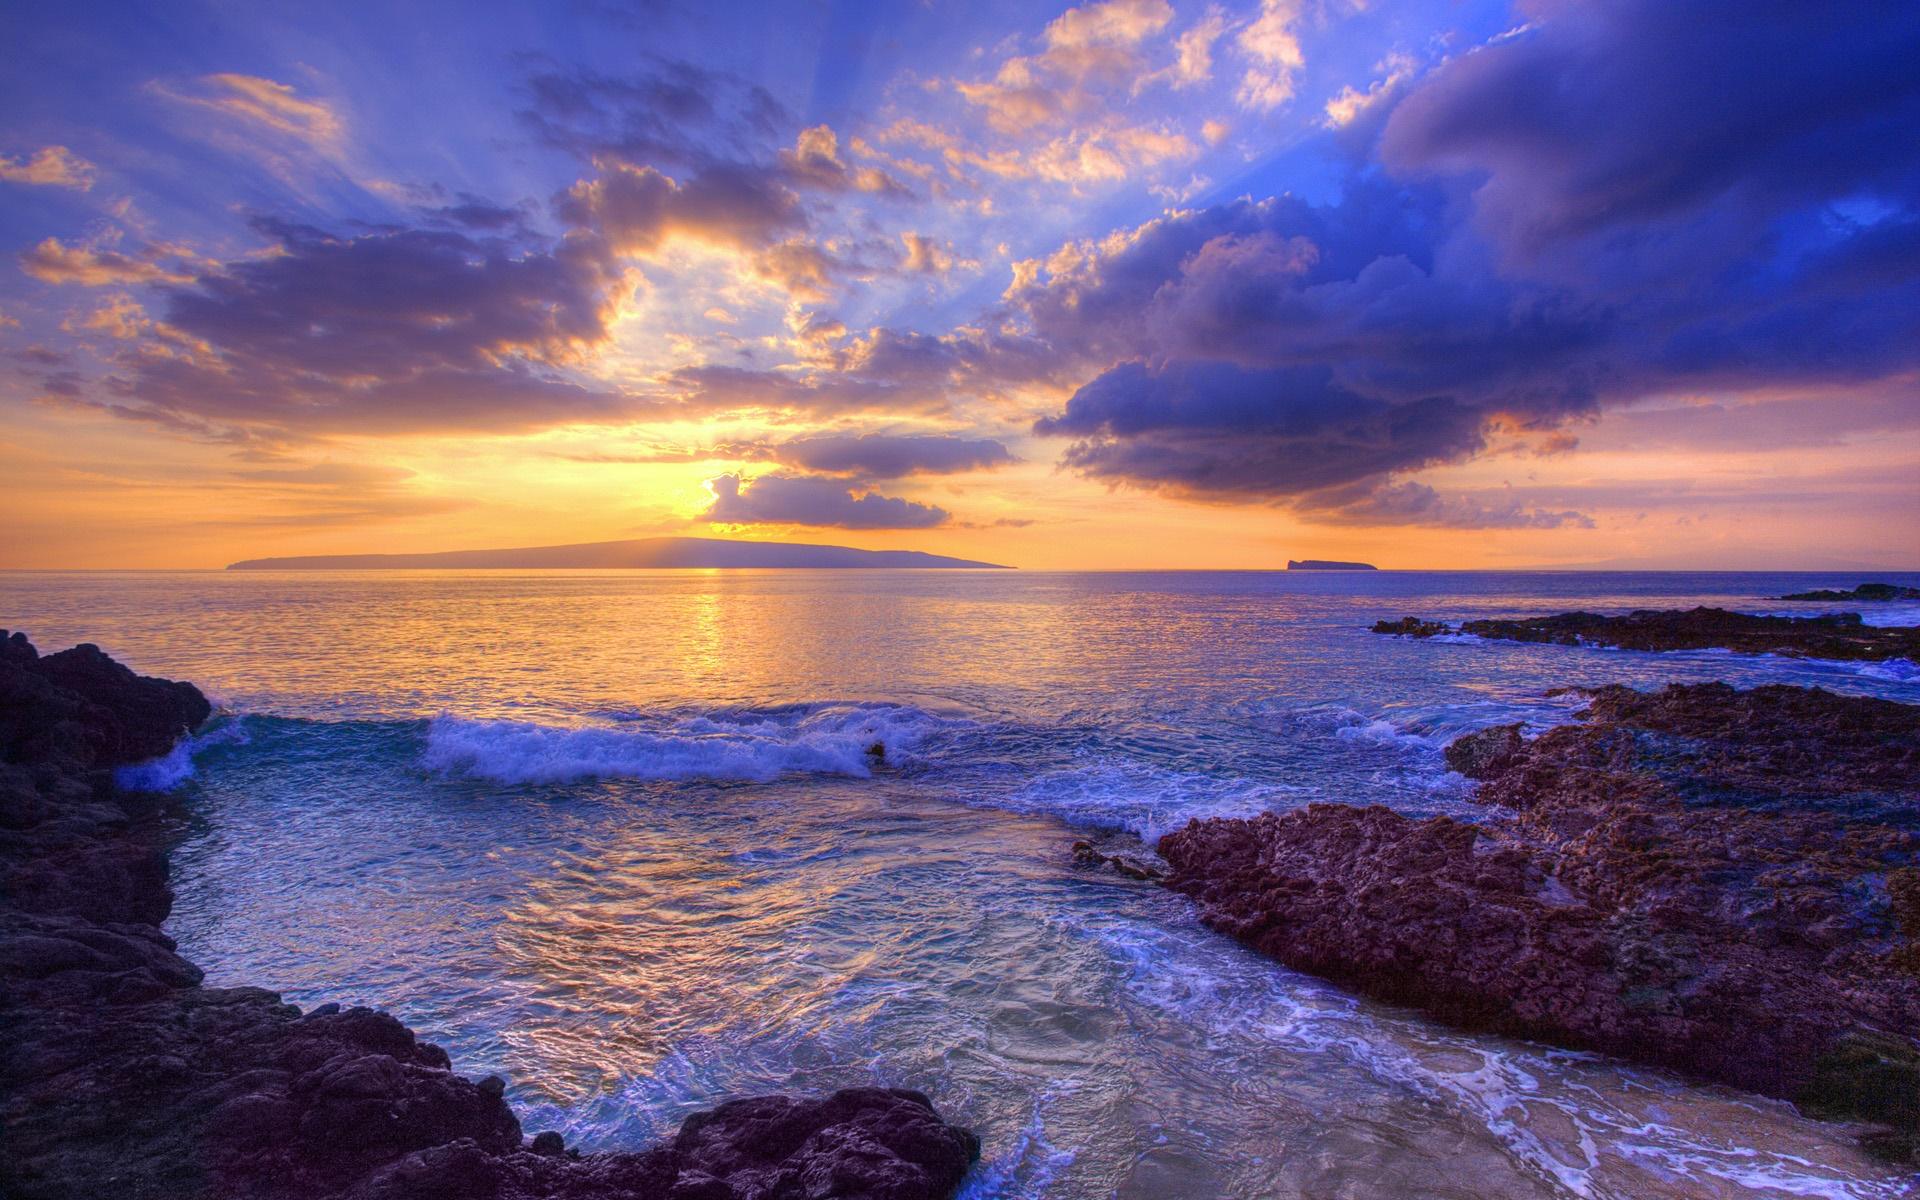 サンセット 波 シークレットビーチ マウイ島 ハワイ アメリカ デスクトップの壁紙 19x10 壁紙をダウンロード Ja Hdwall365 Com